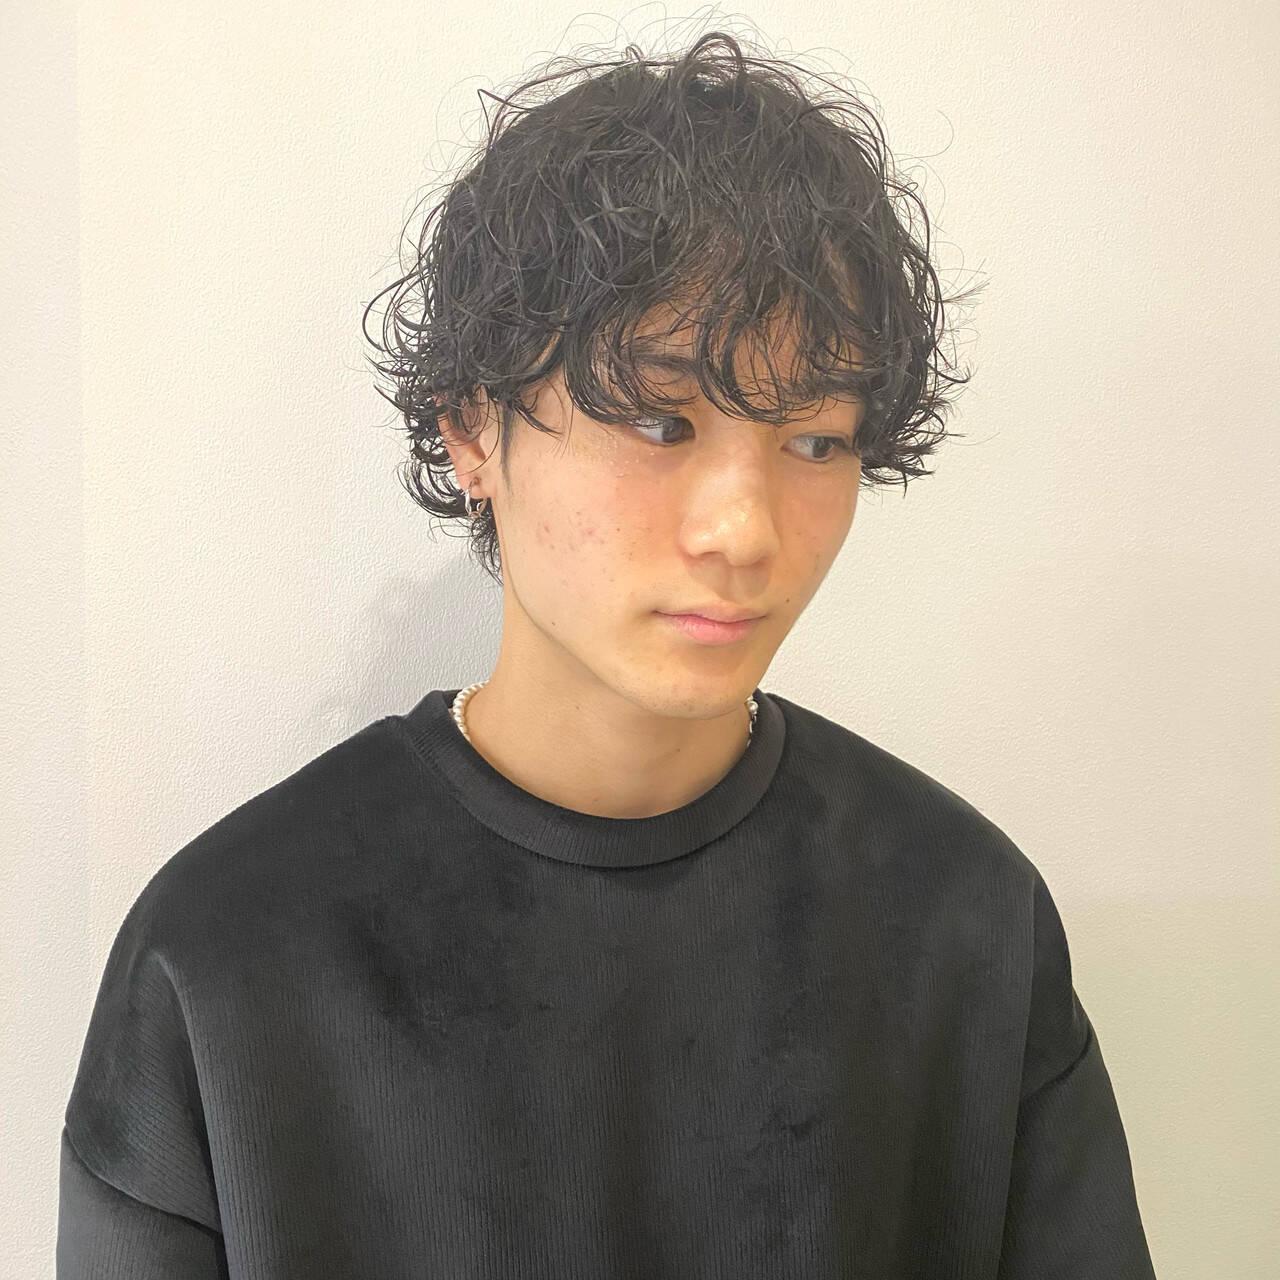 ショートマッシュ スパイラルパーマ メンズヘア メンズカジュアルヘアスタイルや髪型の写真・画像